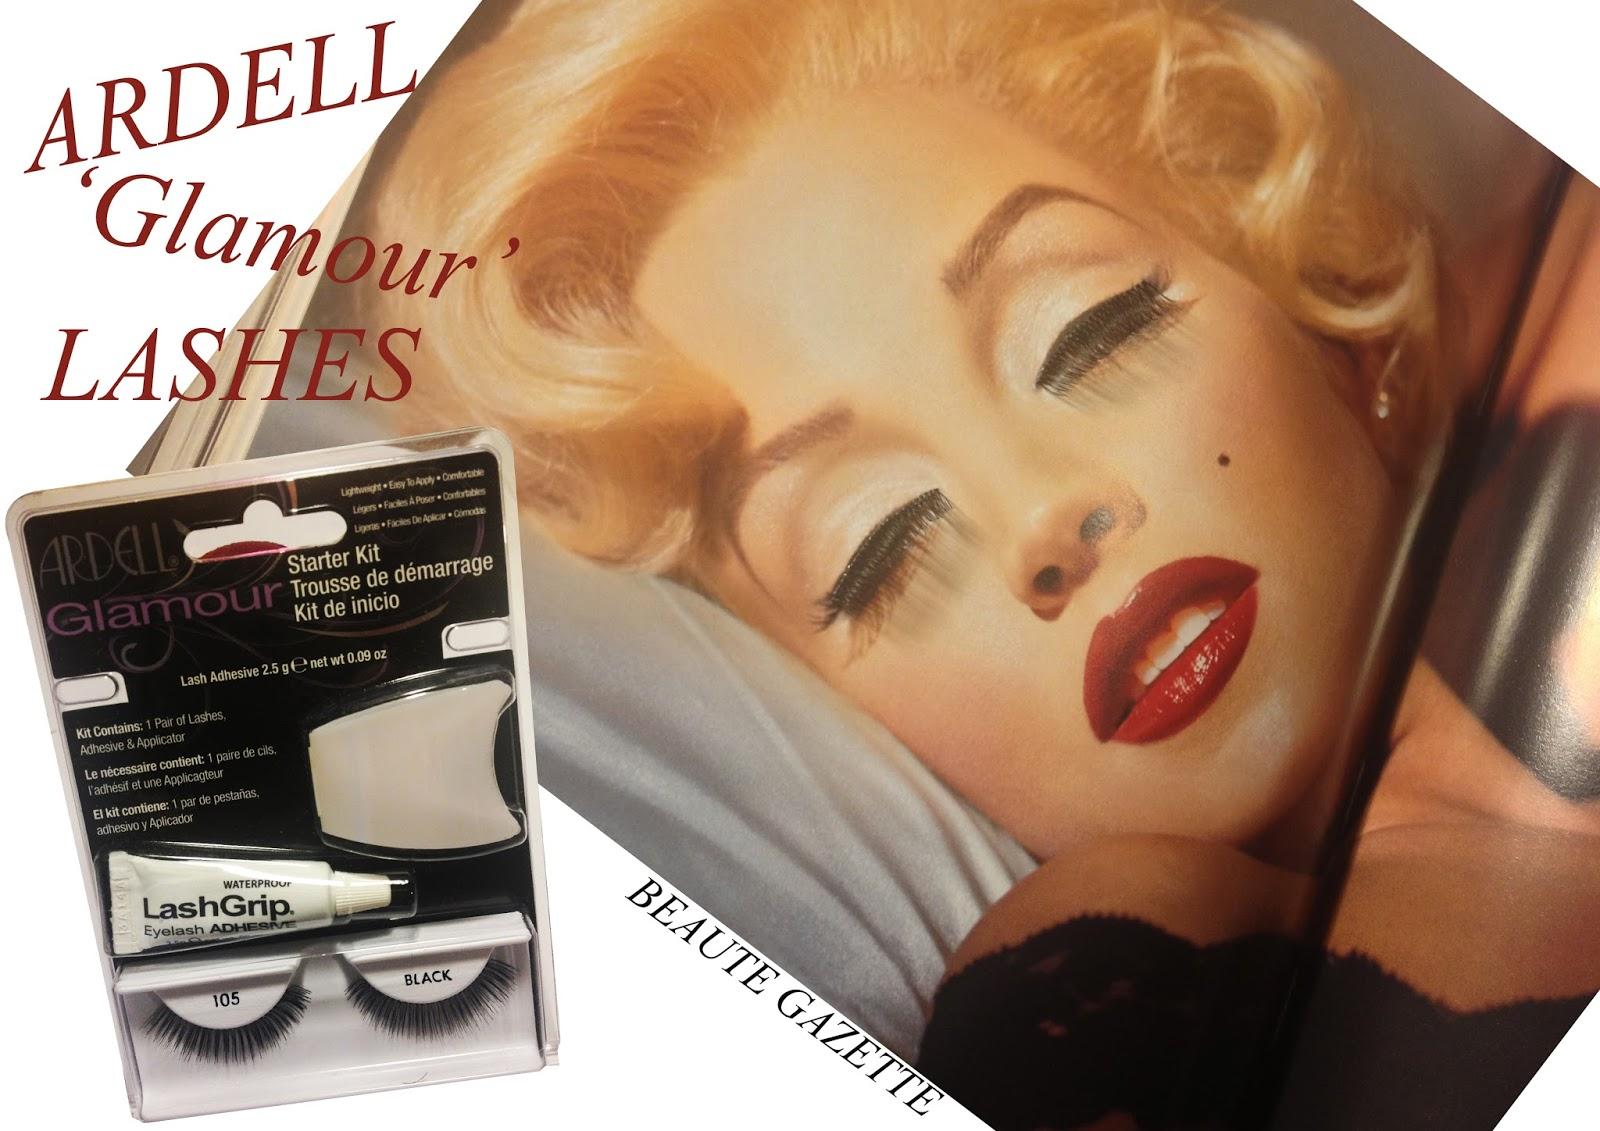 51677b59092 Beauté Gazette: ARDELL 'Glamour' Lashes Starter Kit